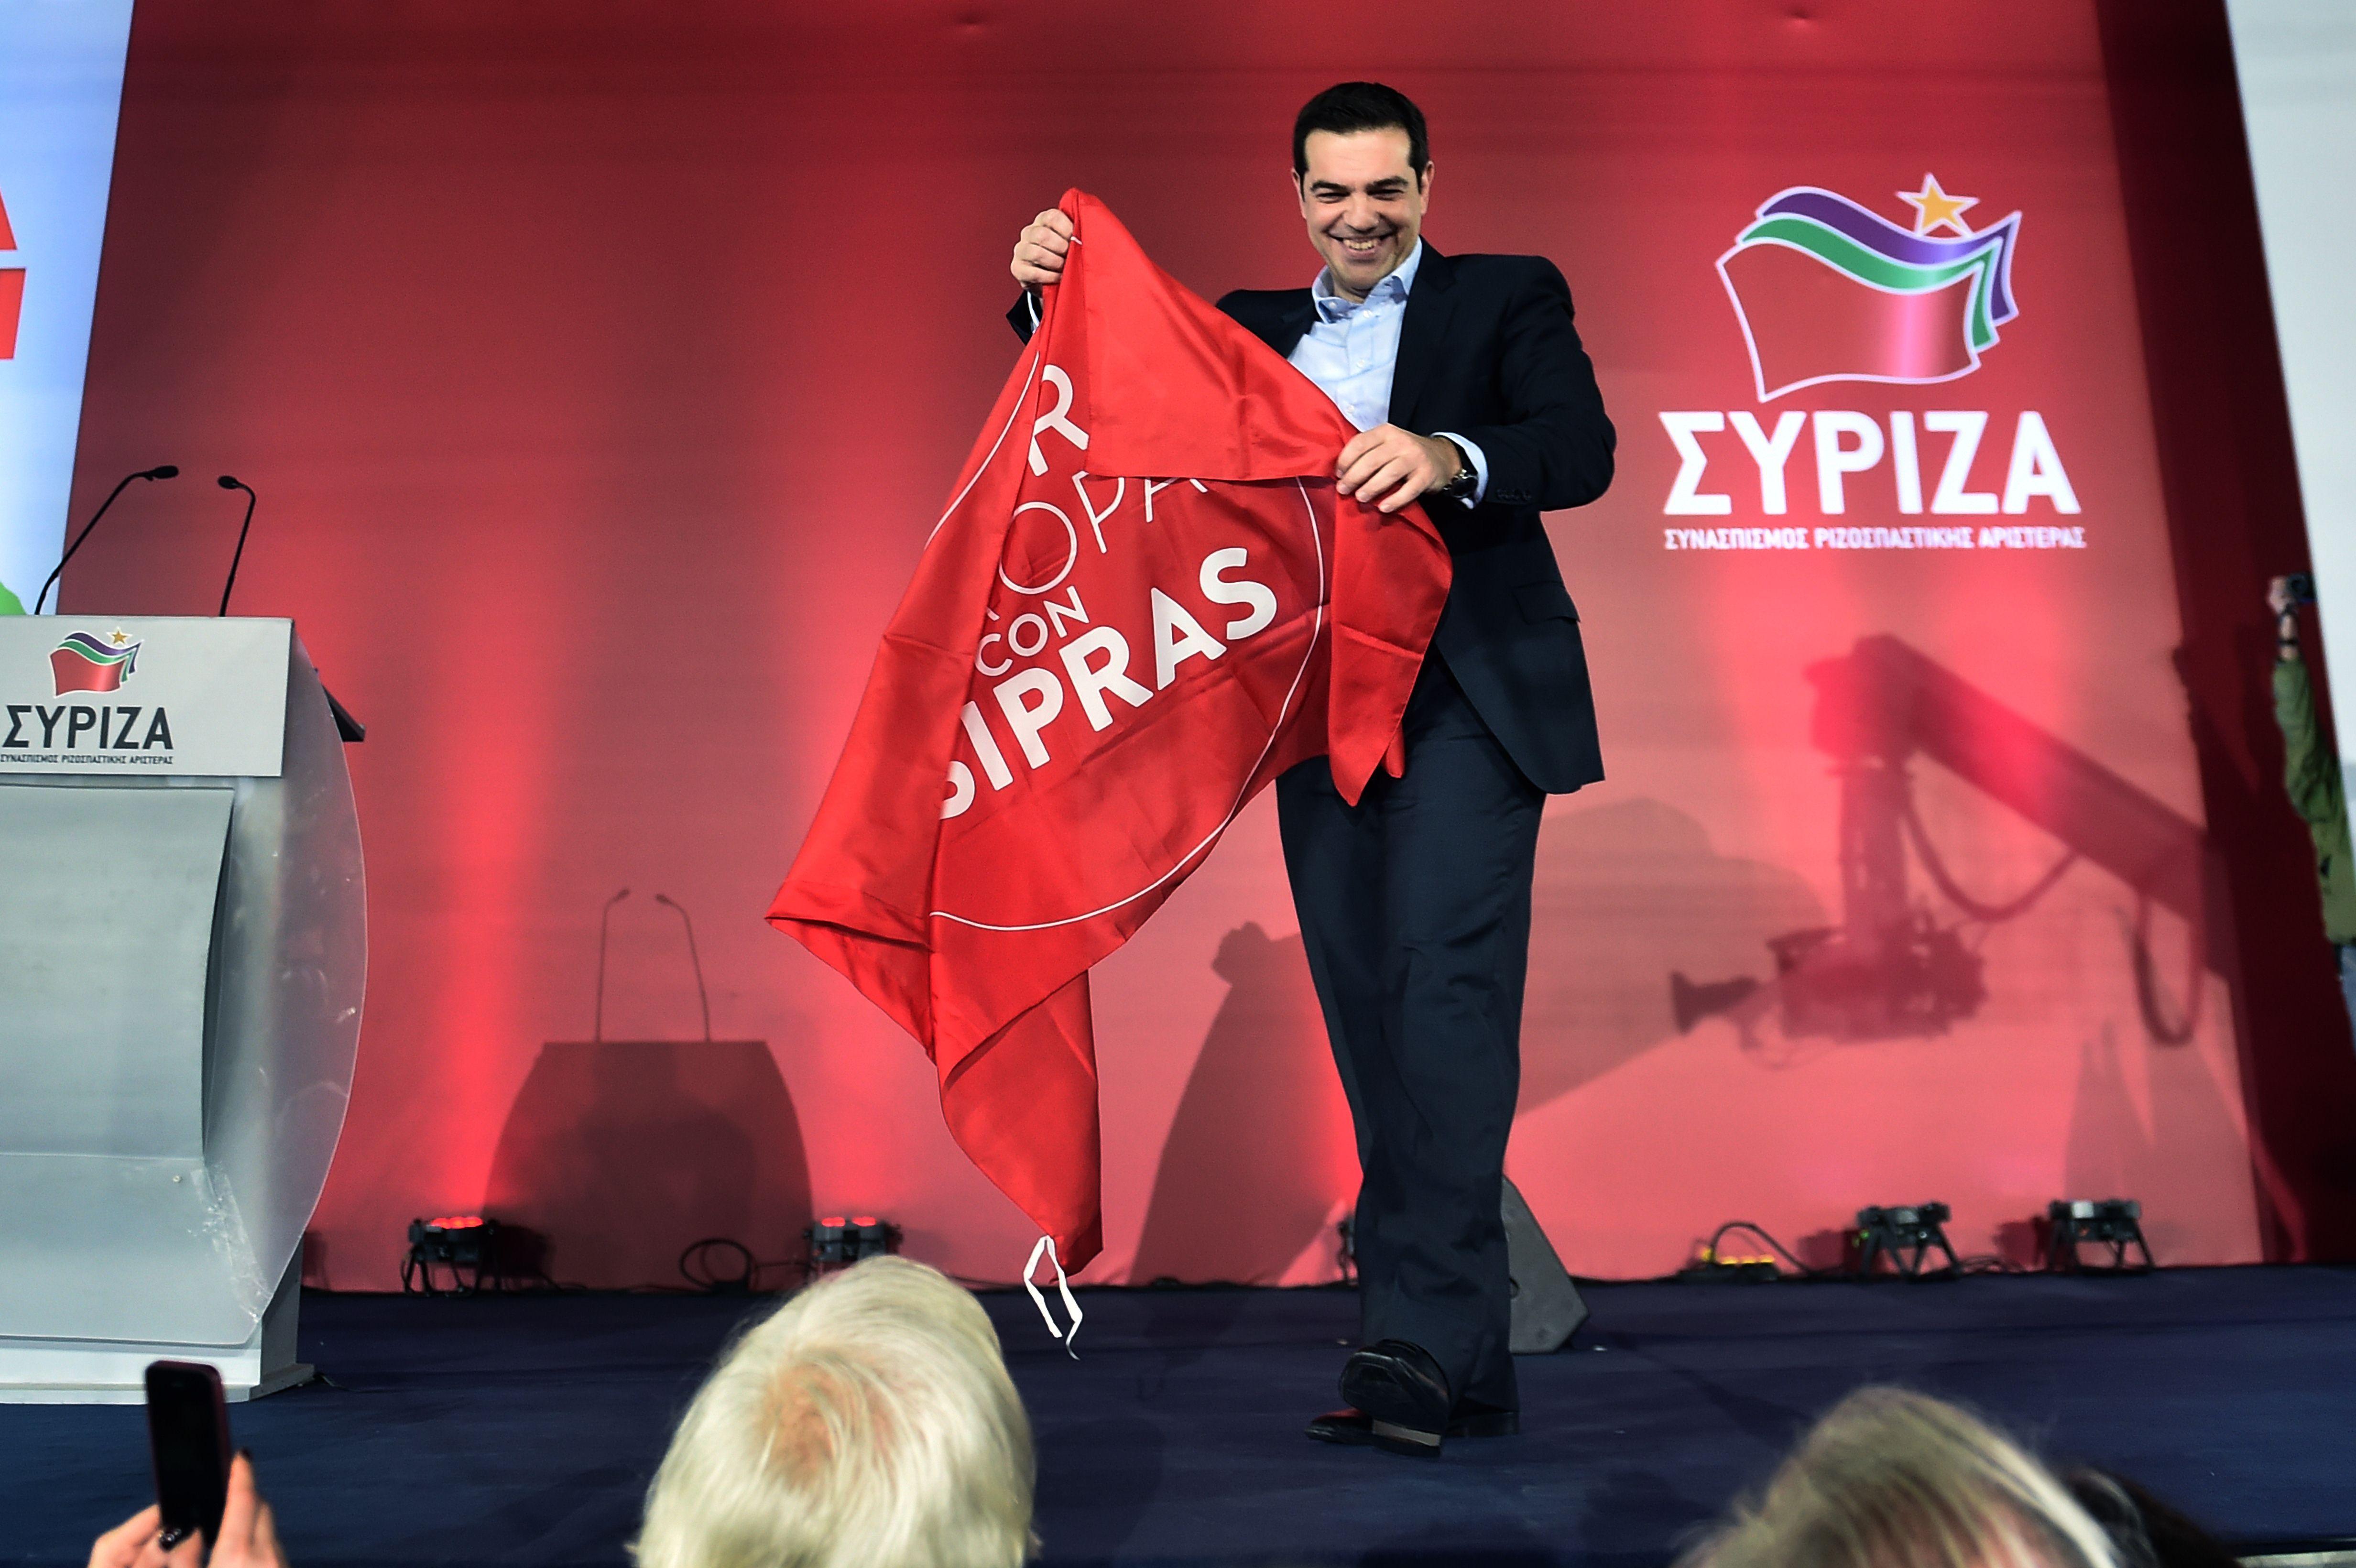 Grecia si-a ales un t�nar premier de la care vrea SPERANŢĂ. Europa a ramas cu ACESTE �NTREBĂRI